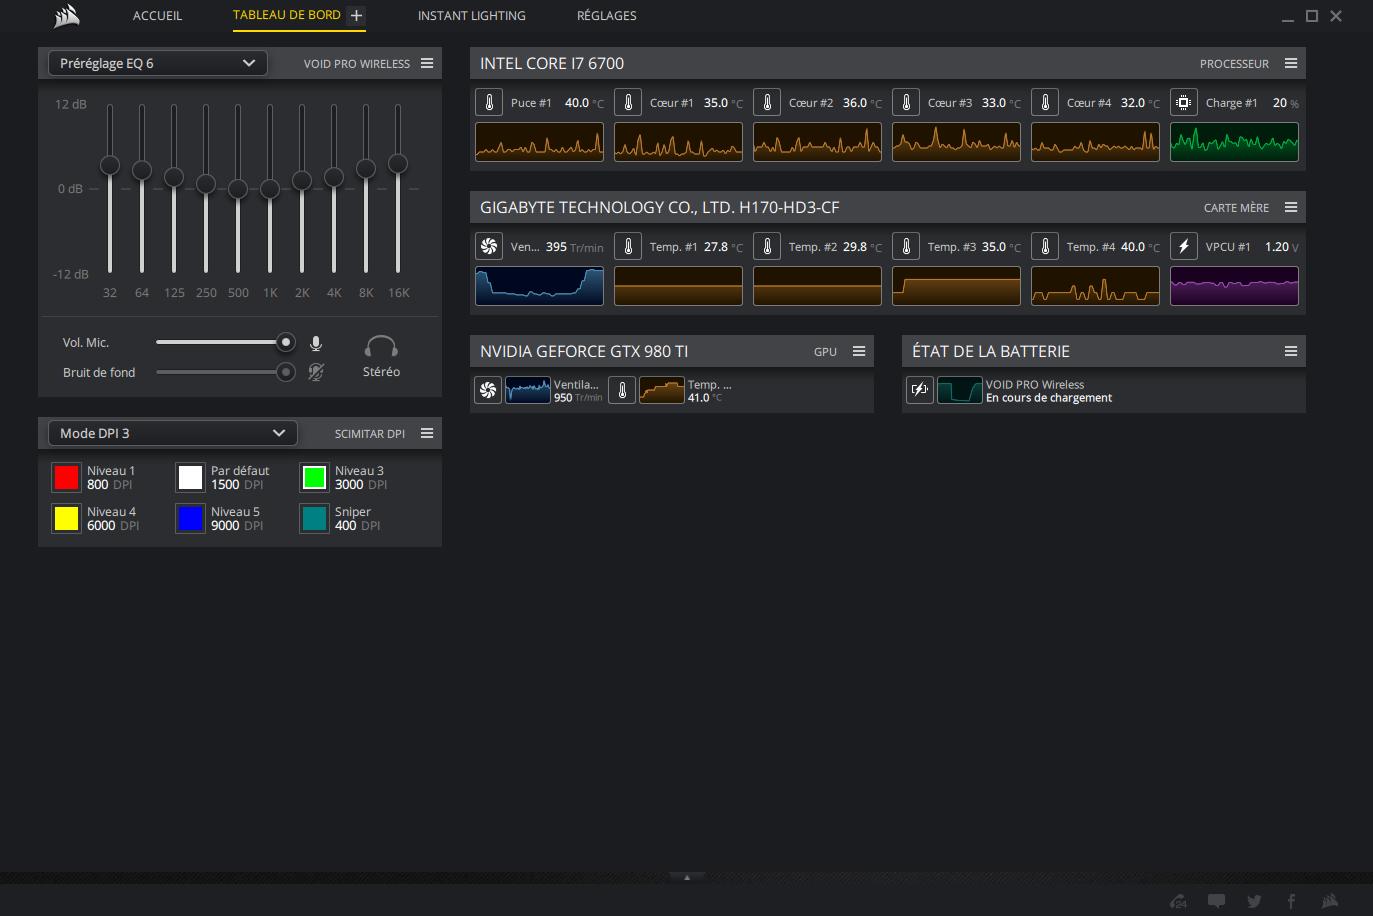 Ecran du logiciel Corsair Icue